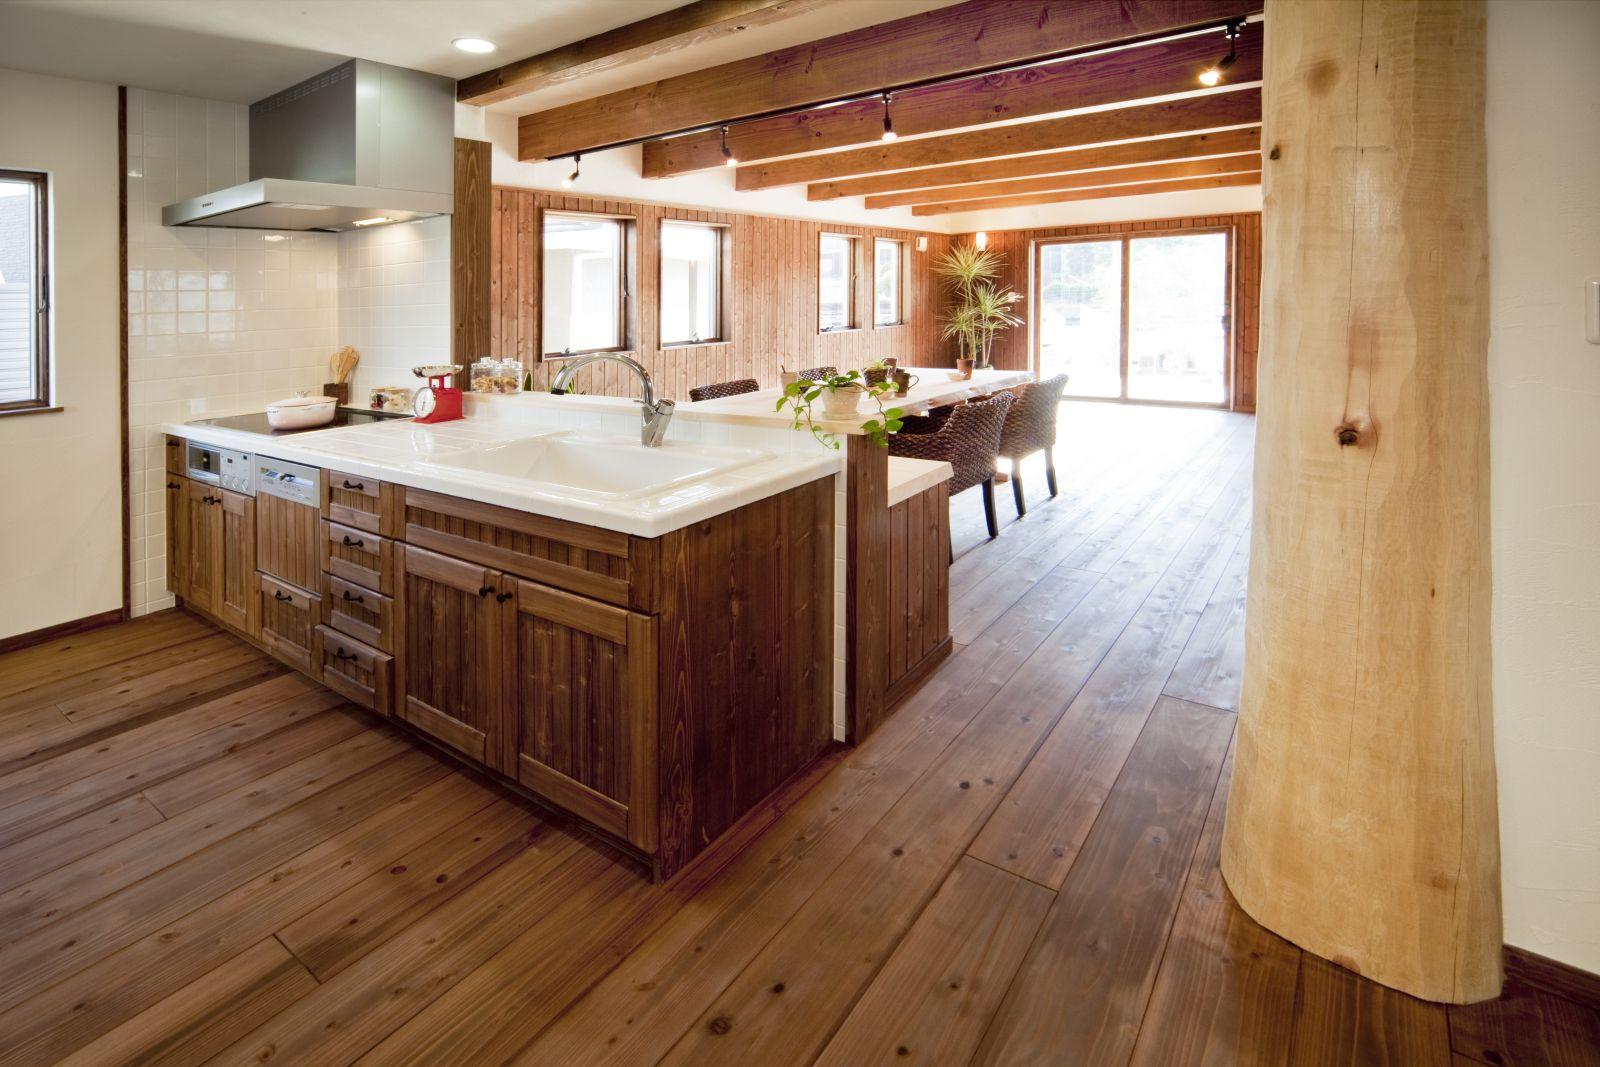 キッチンにいても家族の様子を見ることができる対面キッチン